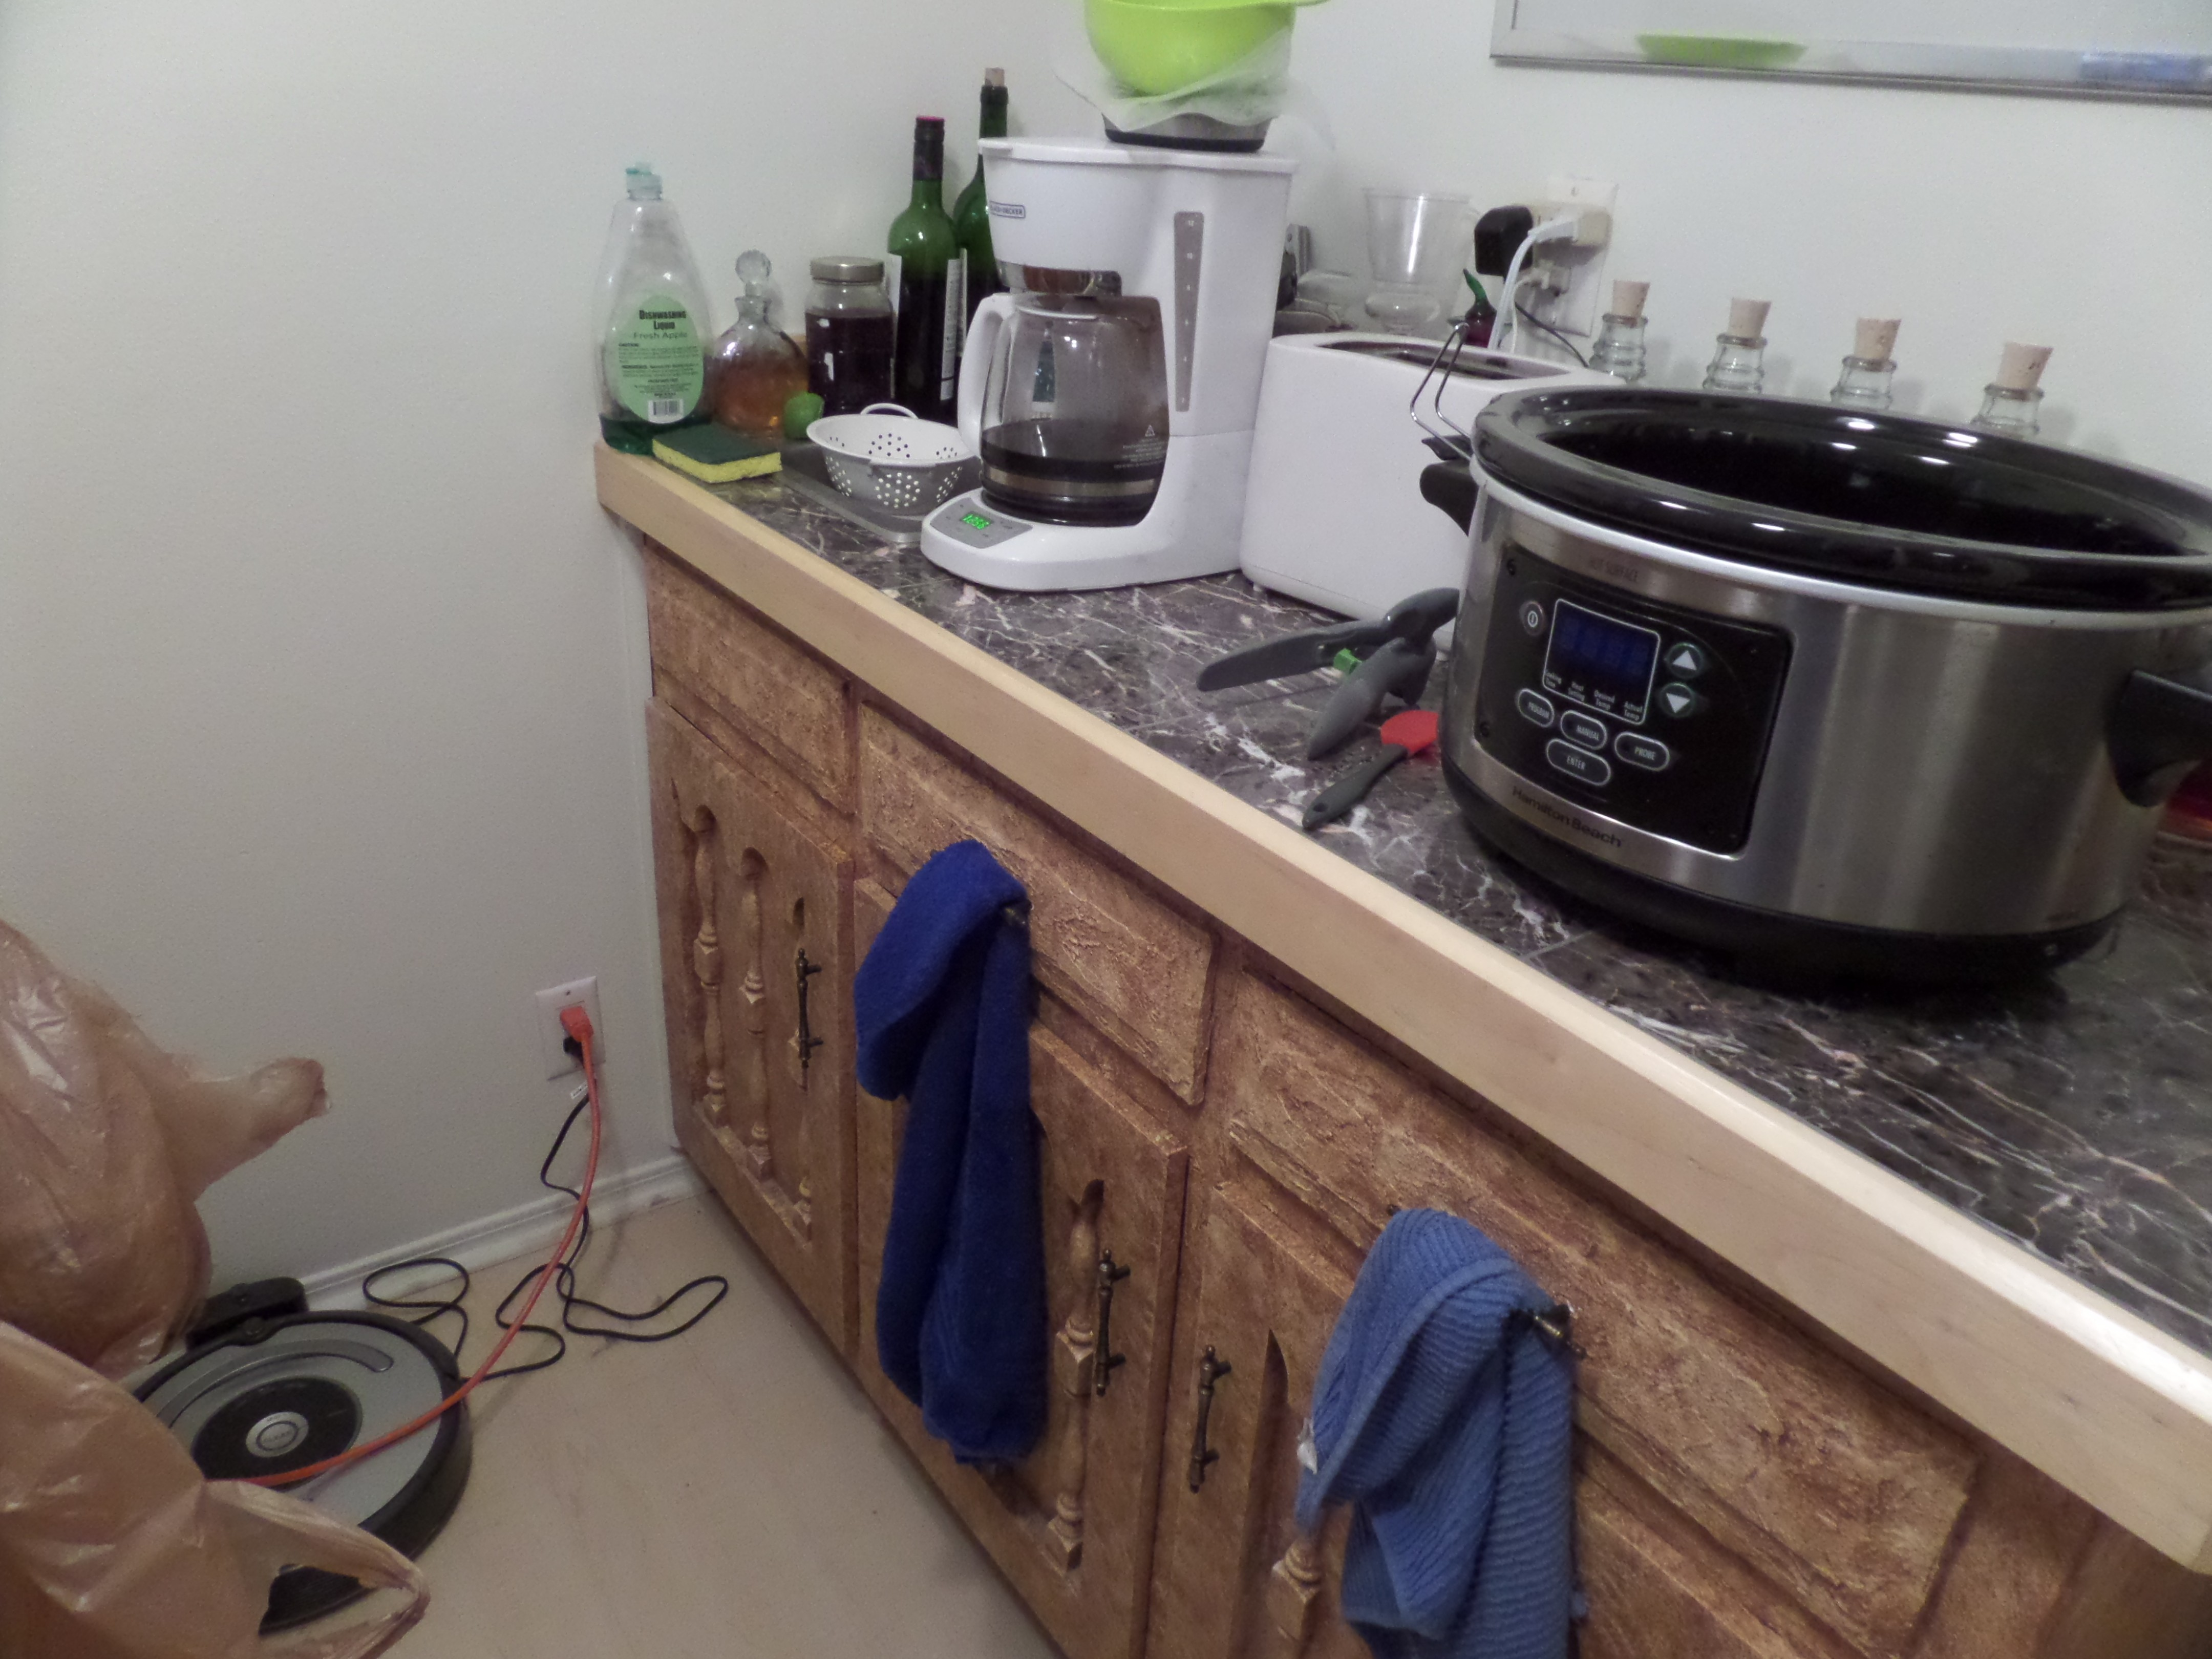 Hauser sinks kitchen walmart kitchen design ideas - Walmart kitchen sinks ...